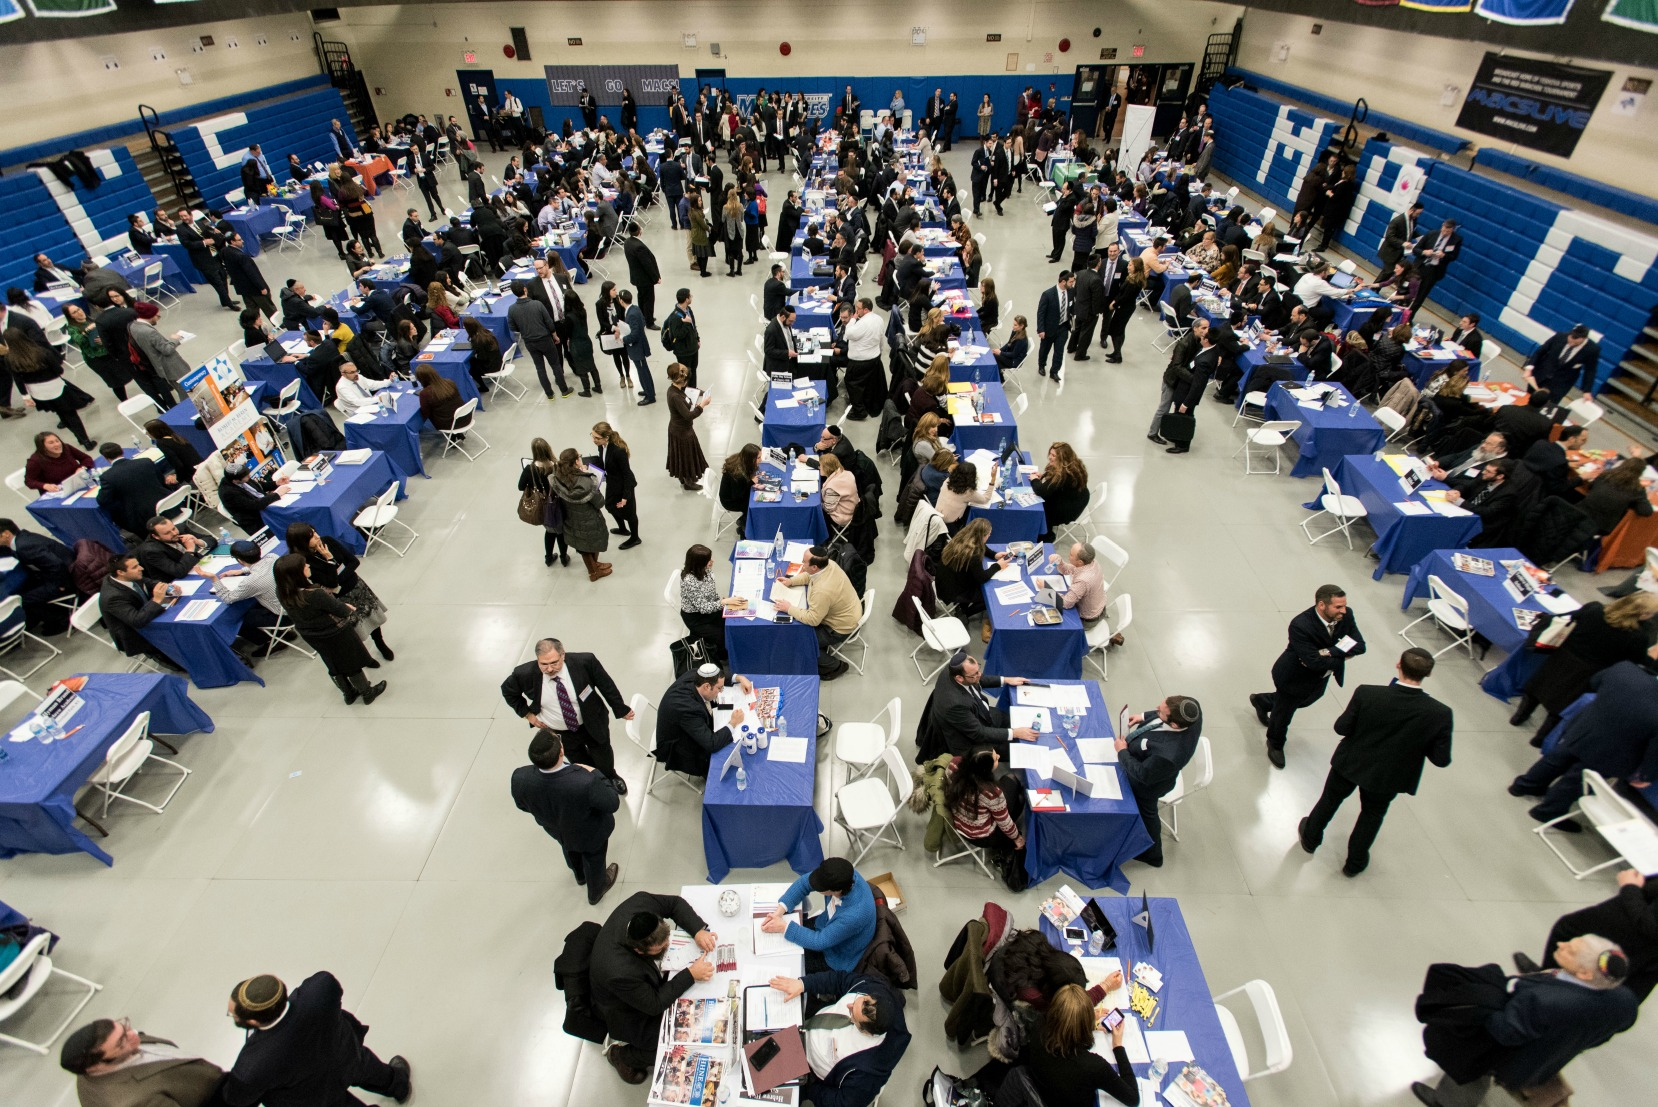 Dallas Job Fair, Austin, Texas, United States